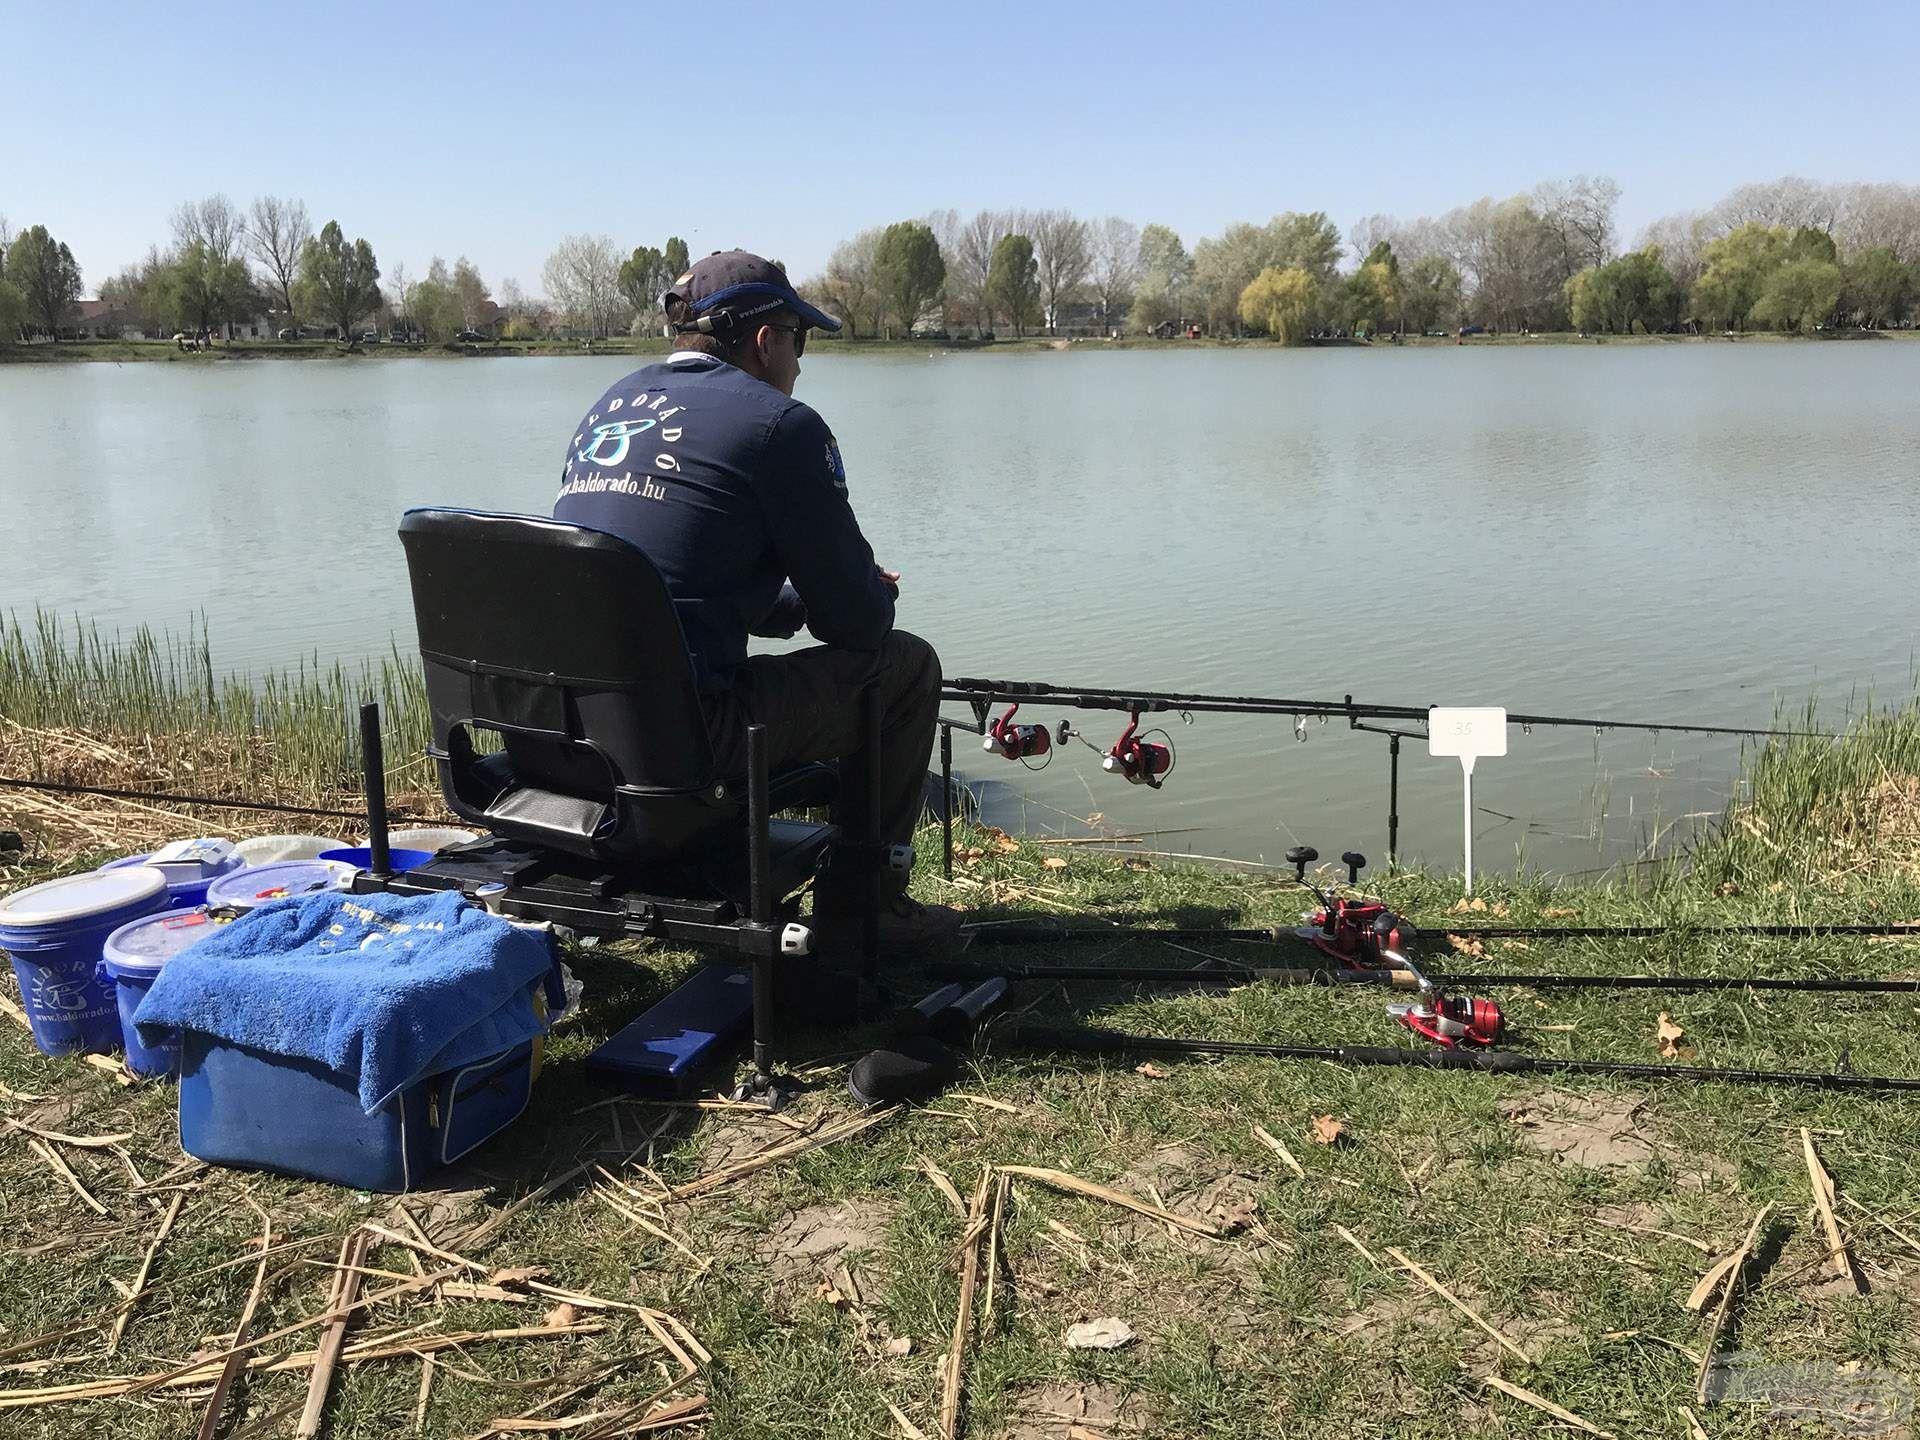 Nagy tavakon, nagy távú horgászatok során mutatkozik meg a komplett rendszer rendkívüli hatékonysága. Ez a fotó idén áprilisban készült a Sóstó Horgászkupán